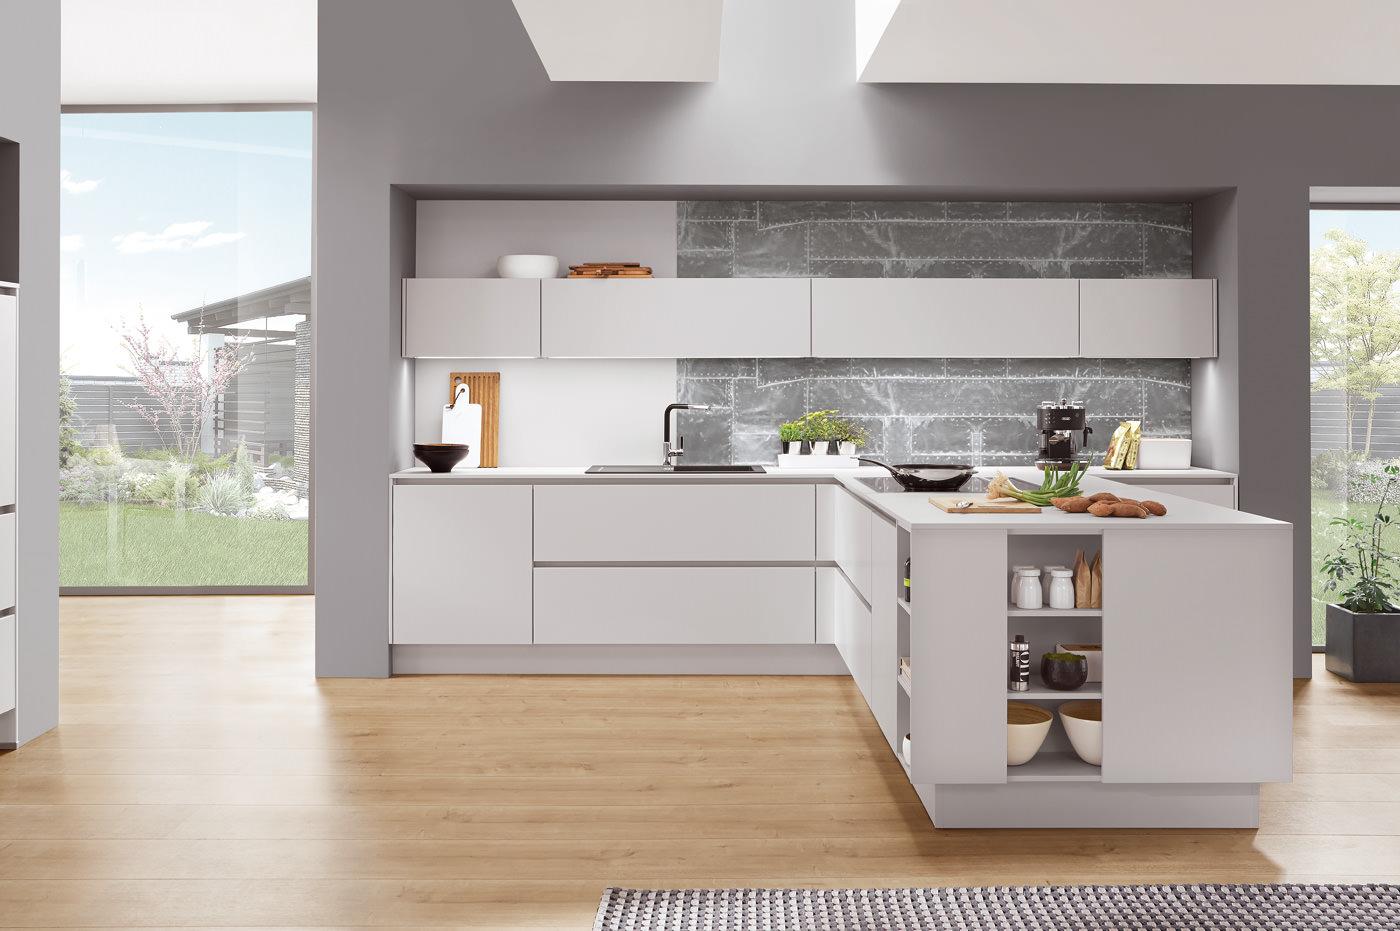 Küchen Weiden küchenausstellung in weiden küchen in allen stilrichtungen